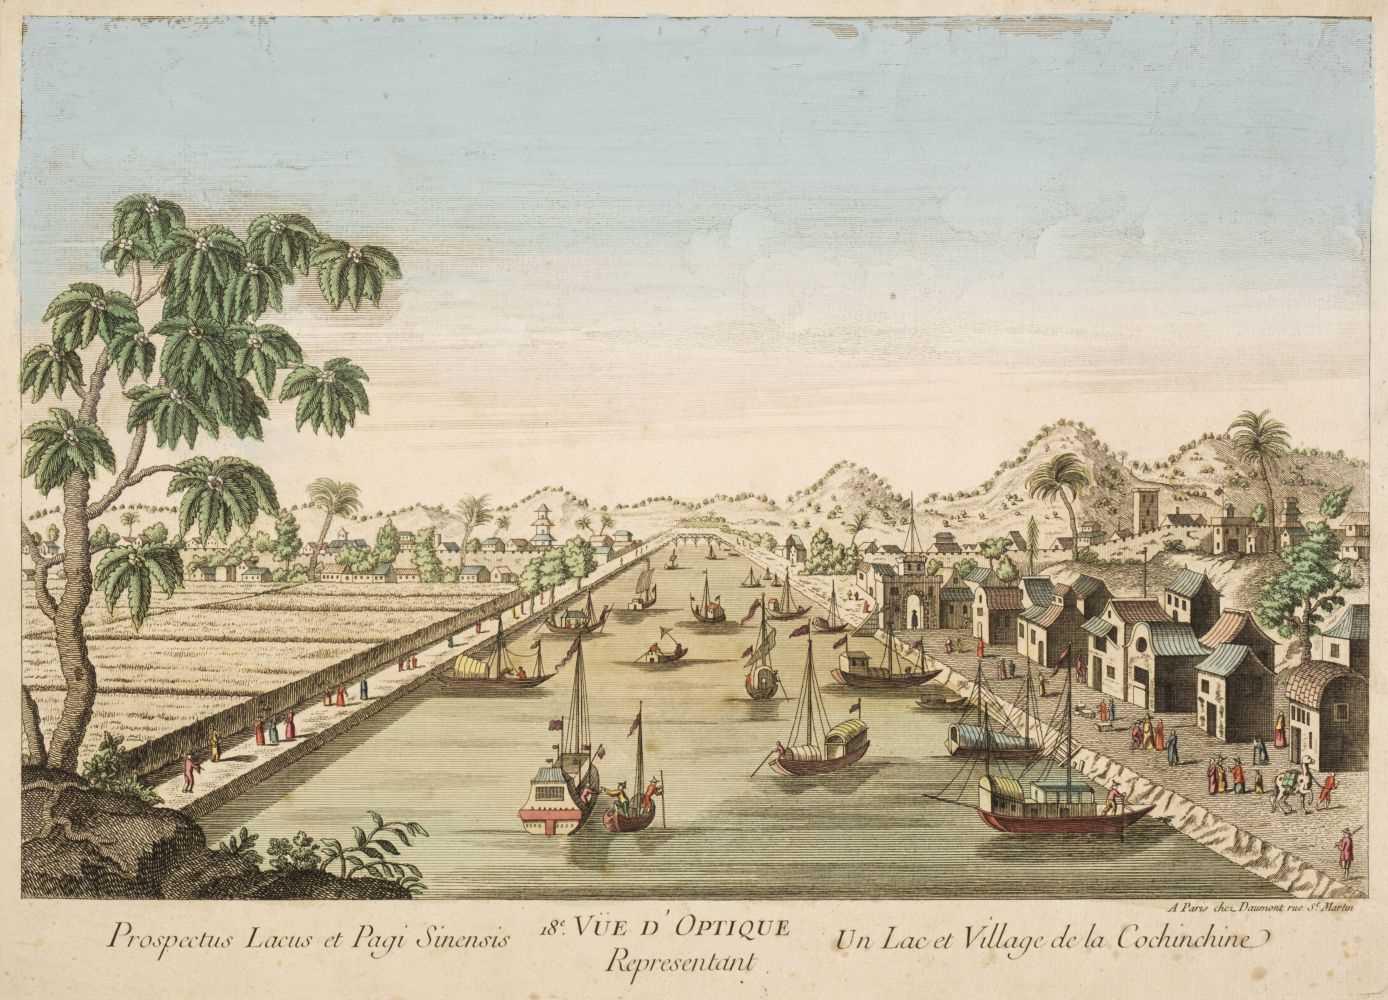 Lot 9 - Daumont (Jean Francois, 1740-1775). Prospectus Lacus et Pagi Sinensis, Paris circa 1760